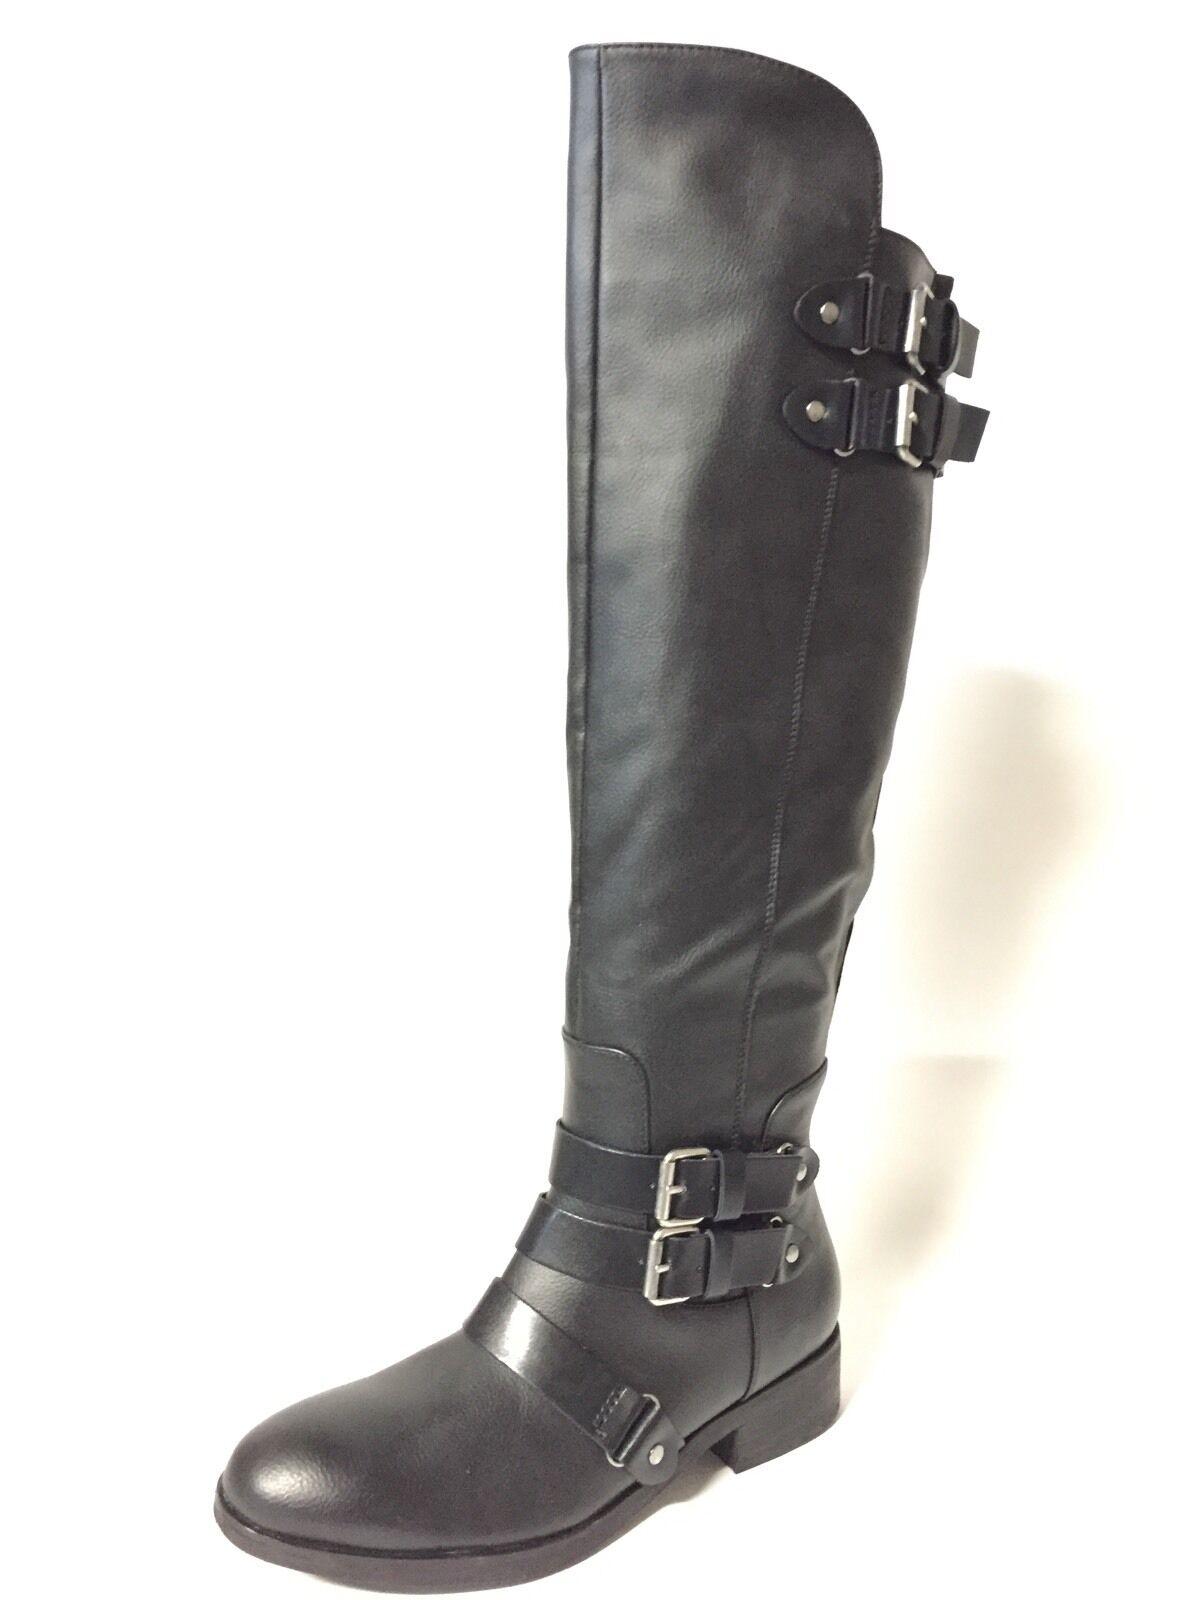 DV  la Dolce Vita oportunidad sobre la  rodilla OTK  Stretch micro suede Boot  Black 8,5 843ffe